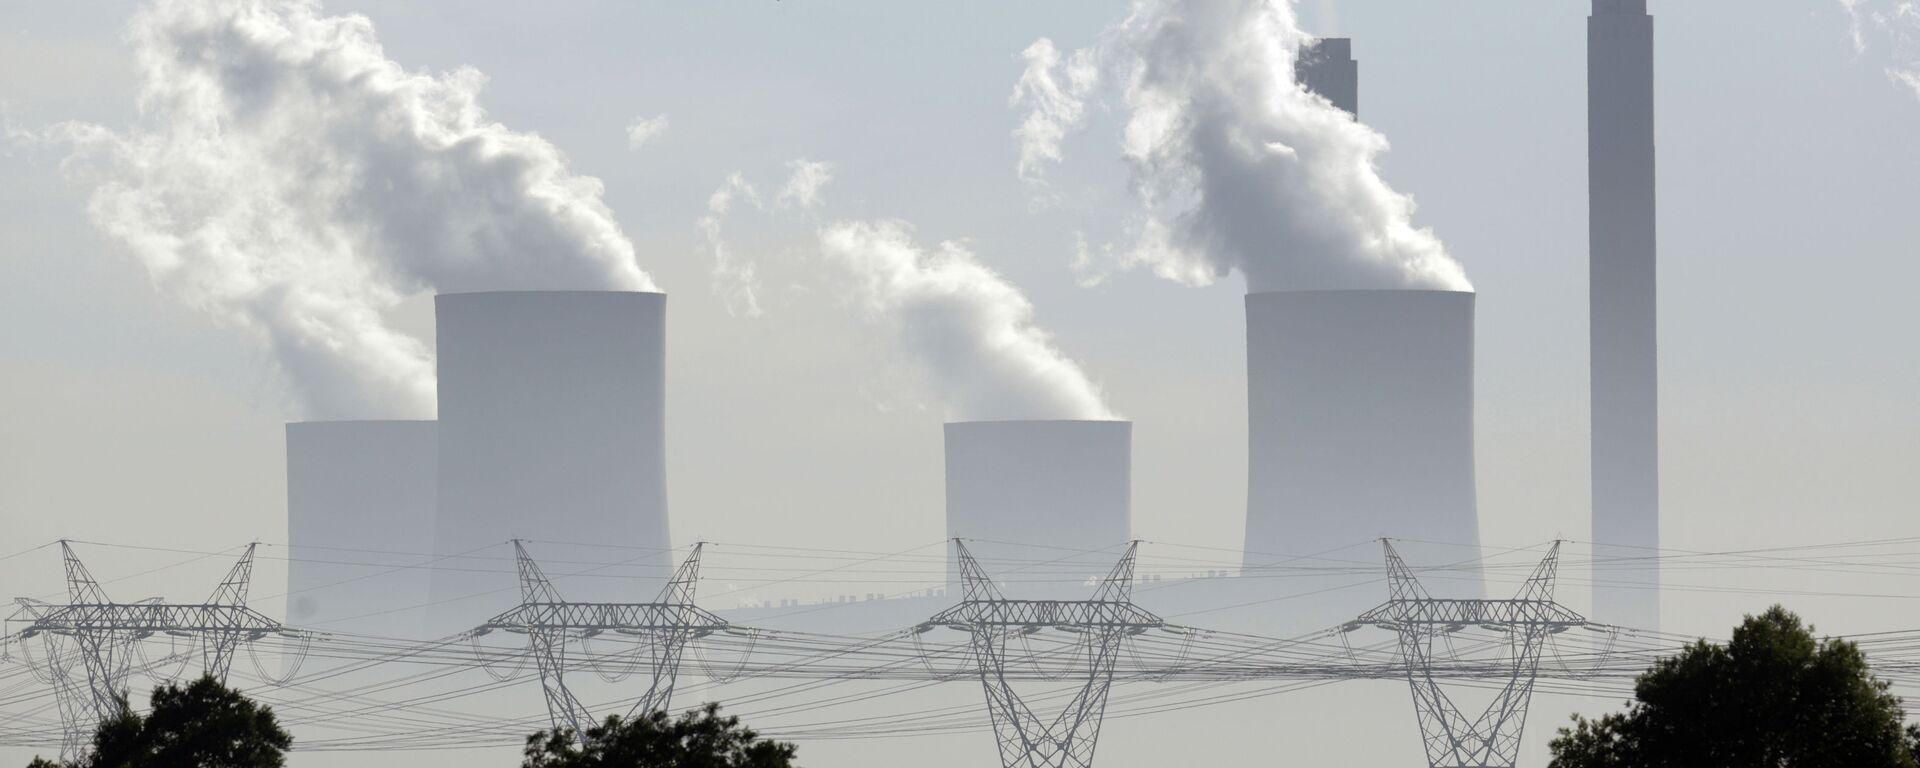 Угольная электростанция - Sputnik Латвия, 1920, 16.09.2021